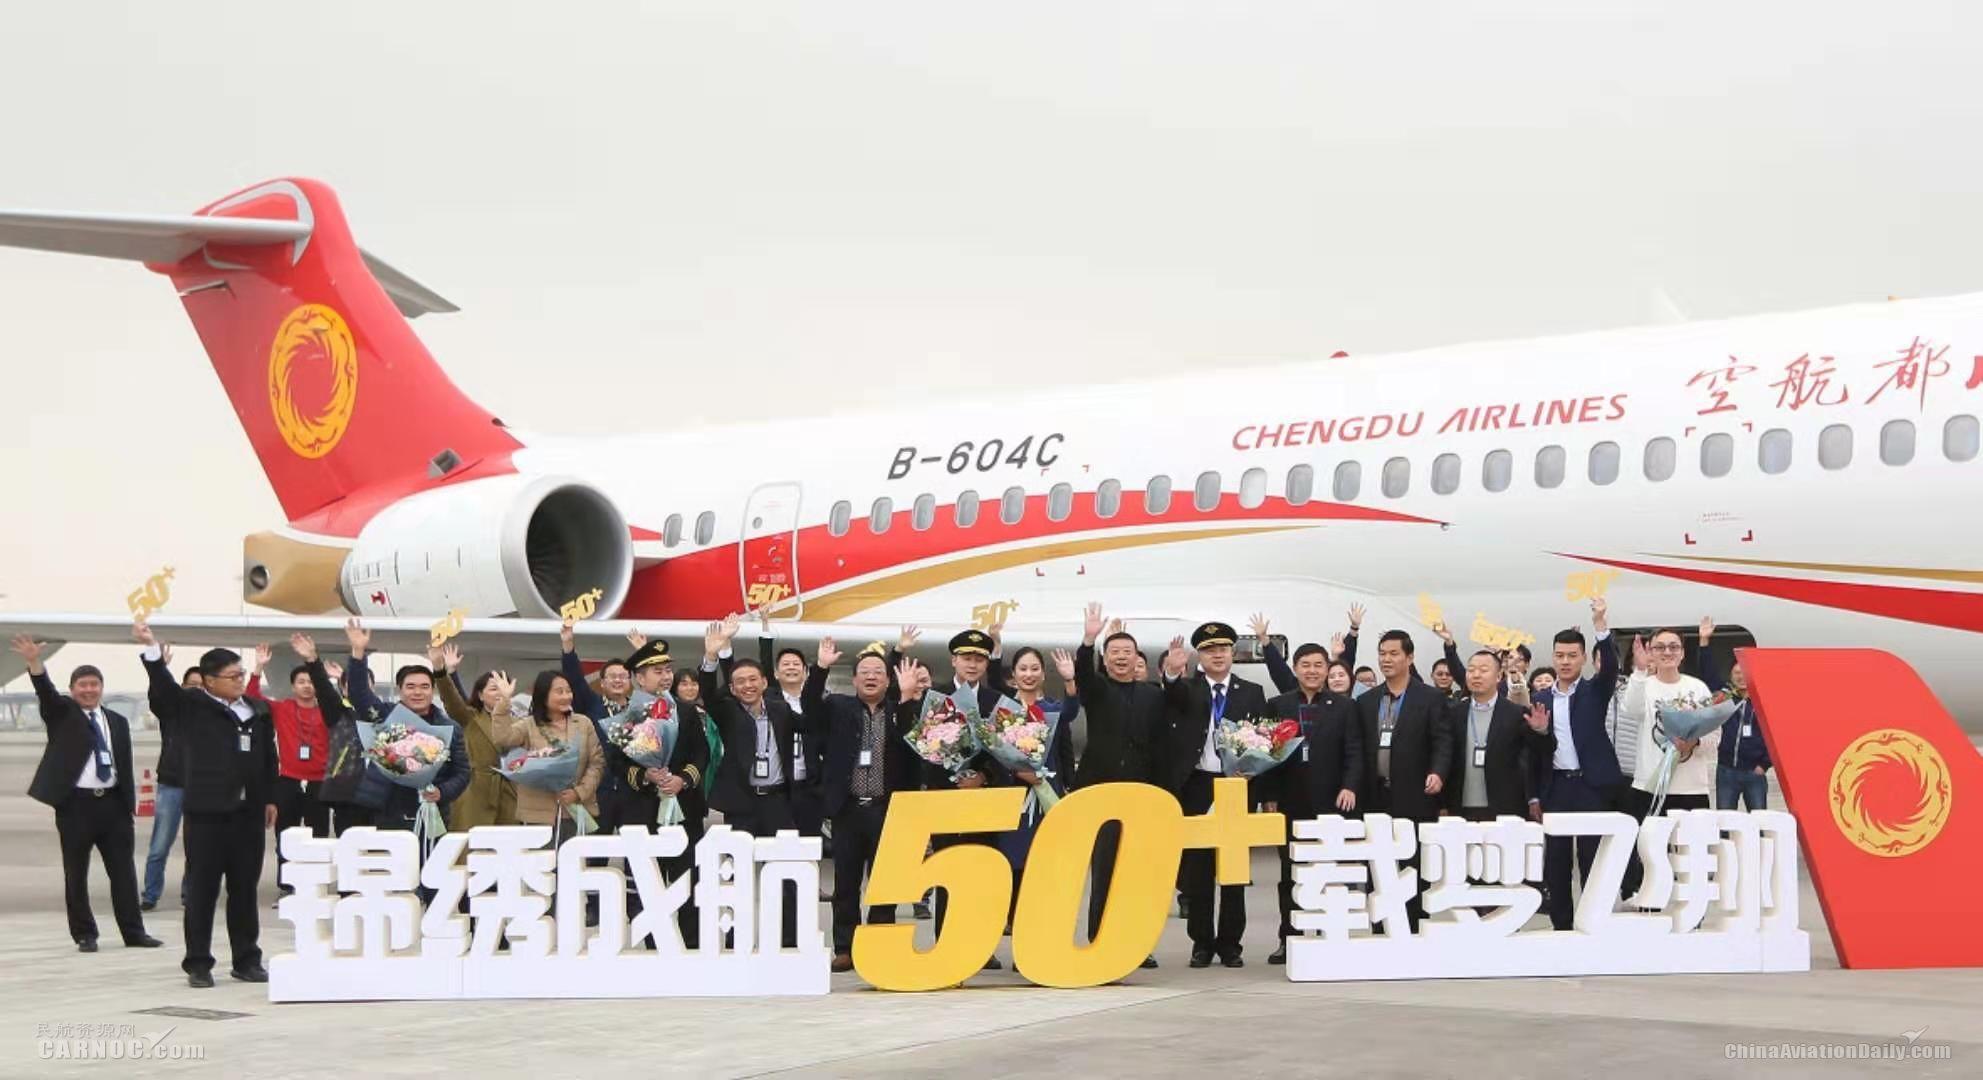 迎ARJ21新机 成都航空机队规模迈入50+